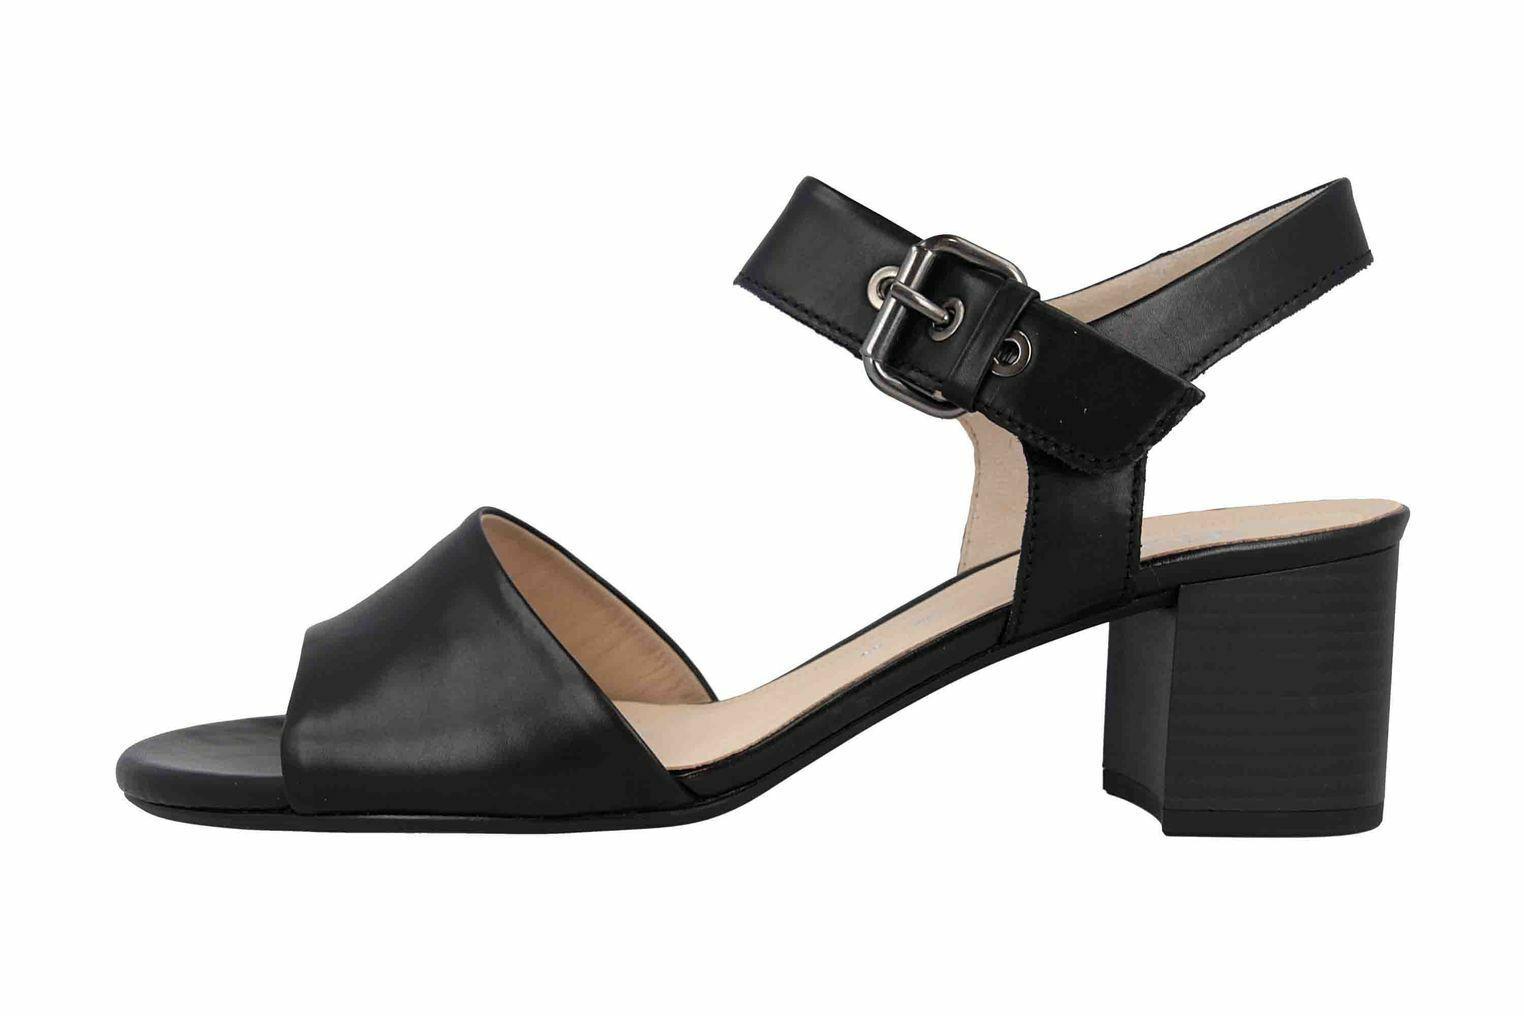 elige tu favorito Gabor Comfort Comfort Comfort fashion sandalias en talla extragrande negro 22.920.57 grandes mujersch  producto de calidad